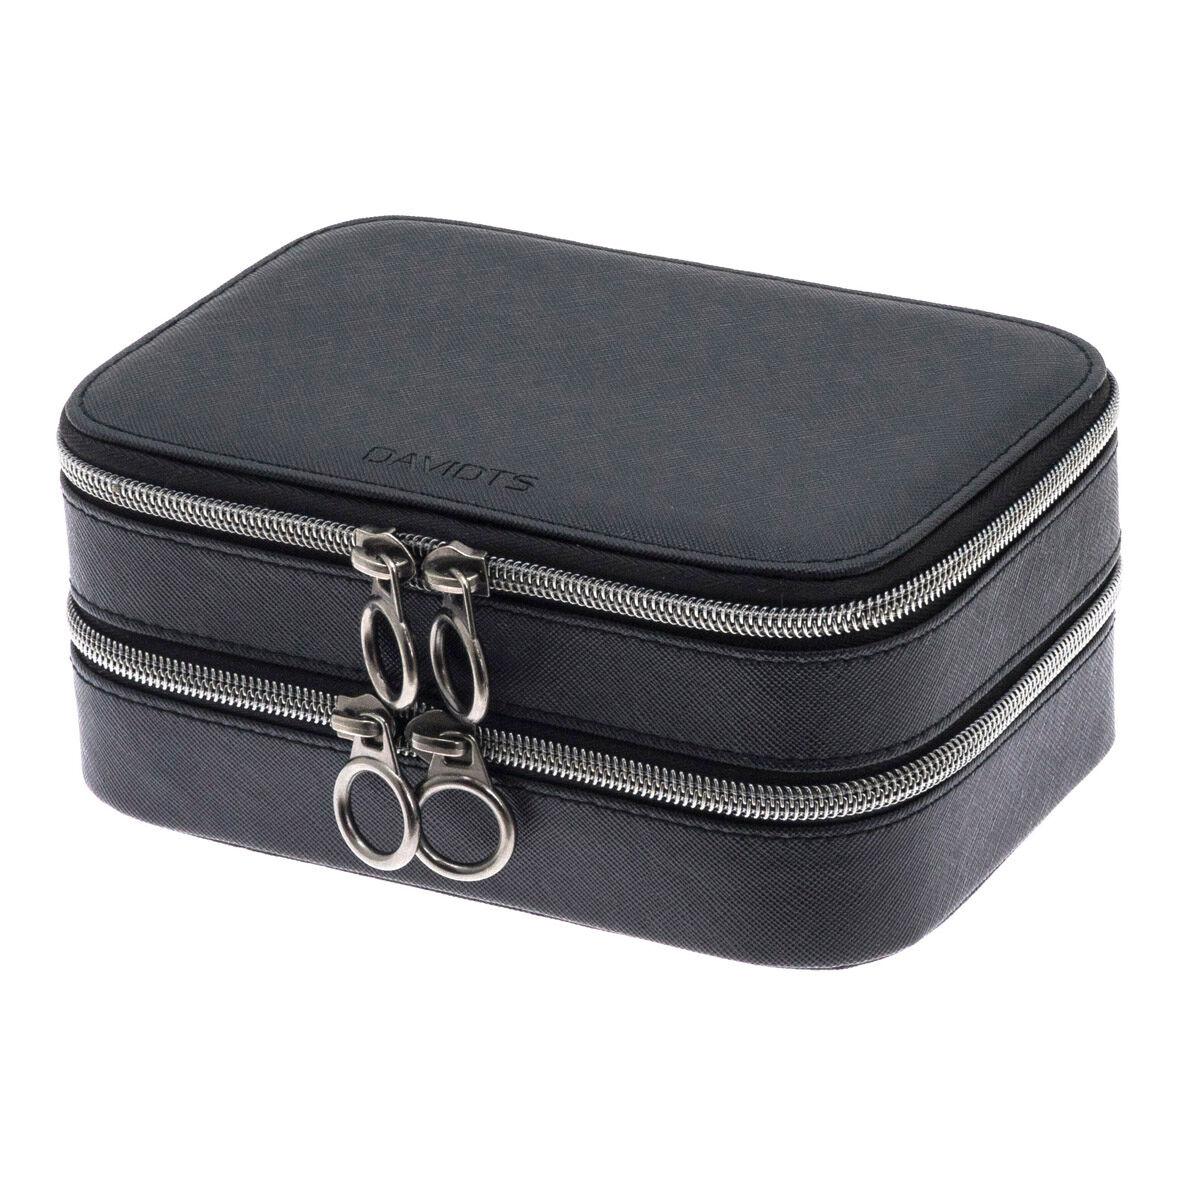 """Les Trésors de Lily Coffret à bijoux zippé """"Zip'n go"""" noir (2 compartiments) - 18x12x8 cm"""